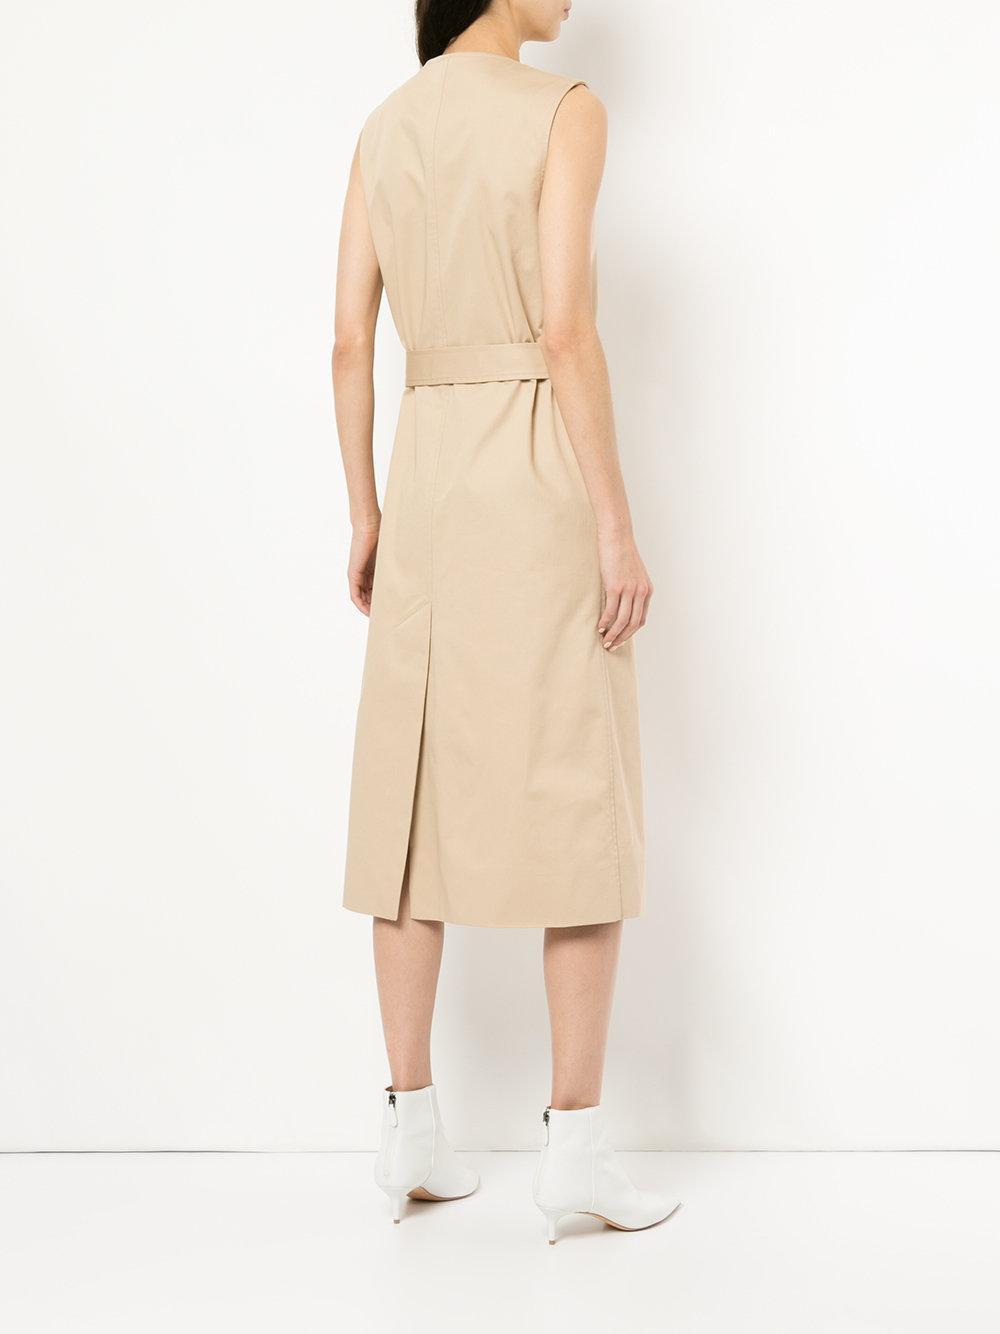 belted wrap dress - Brown CHRISTOPHER ESBER oYBec6b